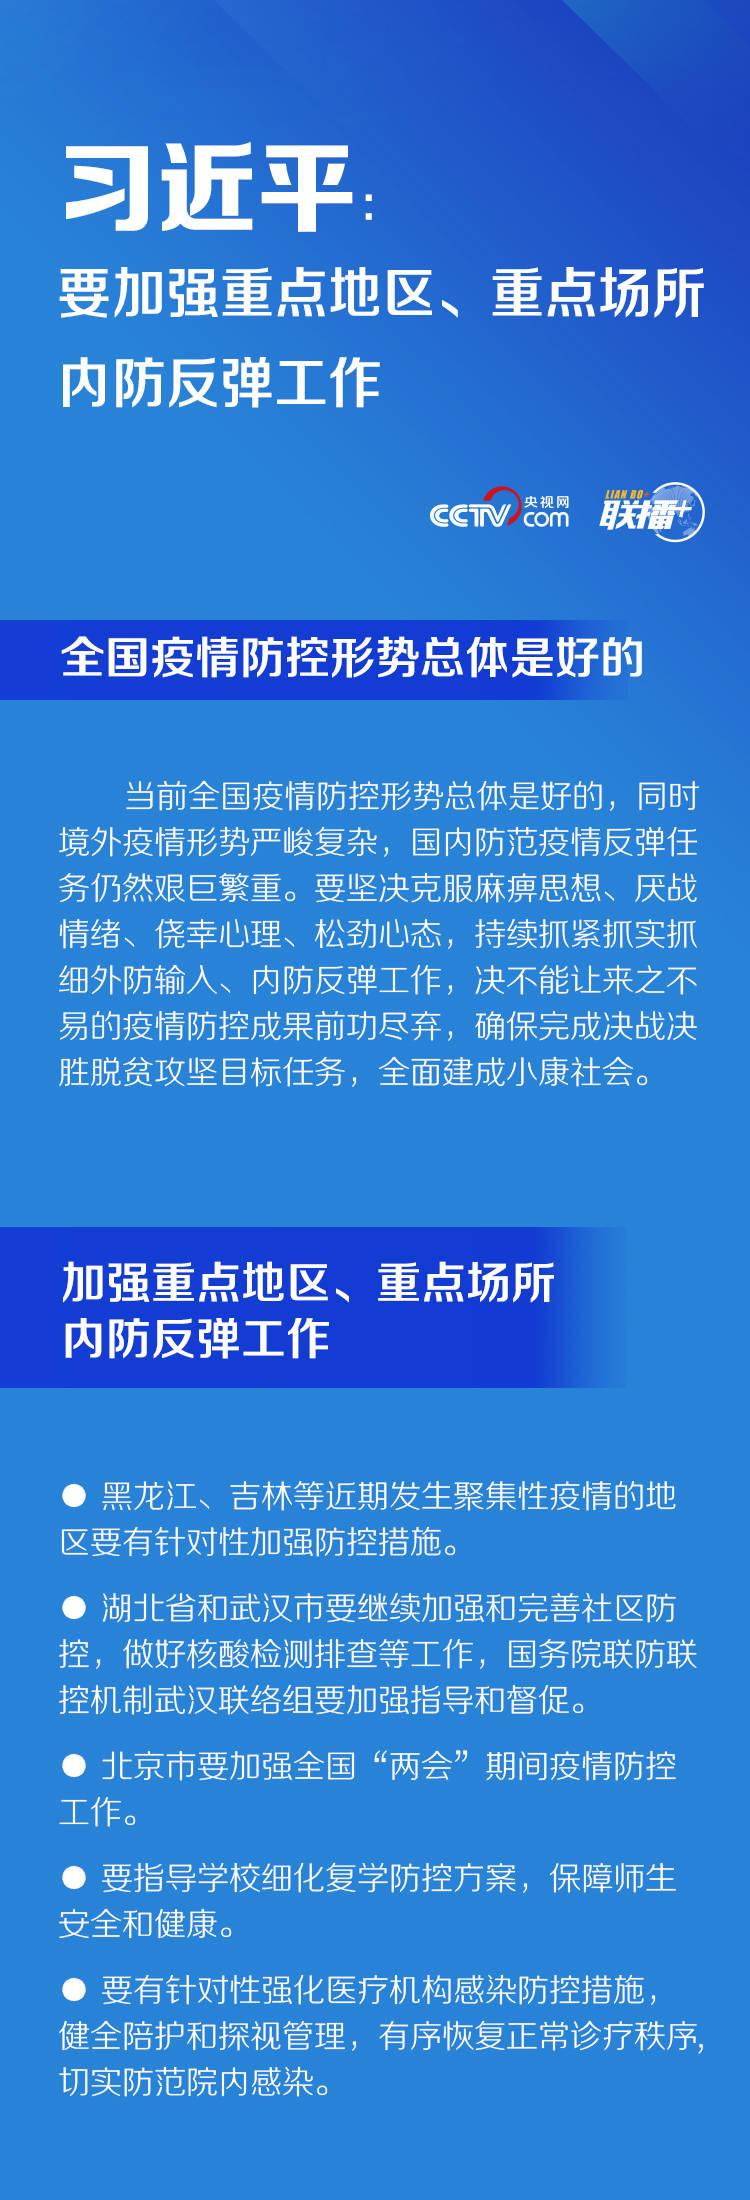 习近平:要加强重点地区、重点场所内防反弹工